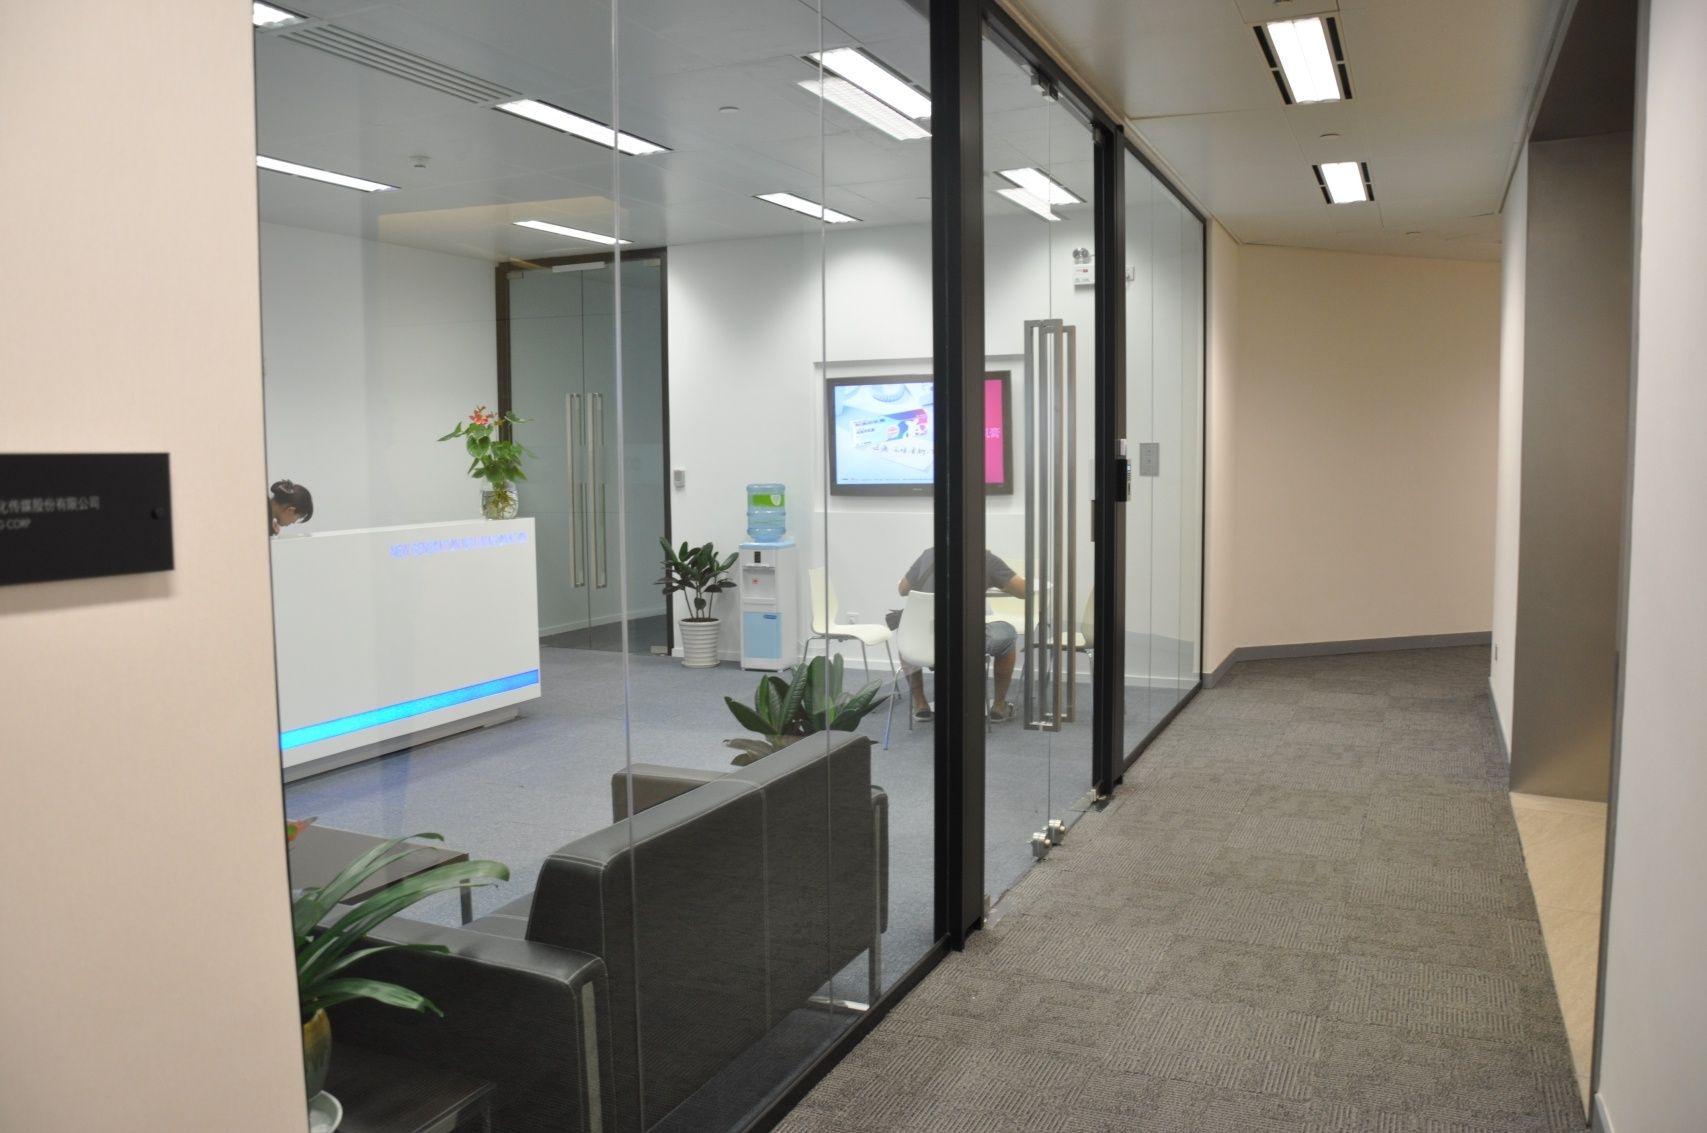 淮北办公室隔断玻璃-隔断玻璃报价-单玻璃隔断